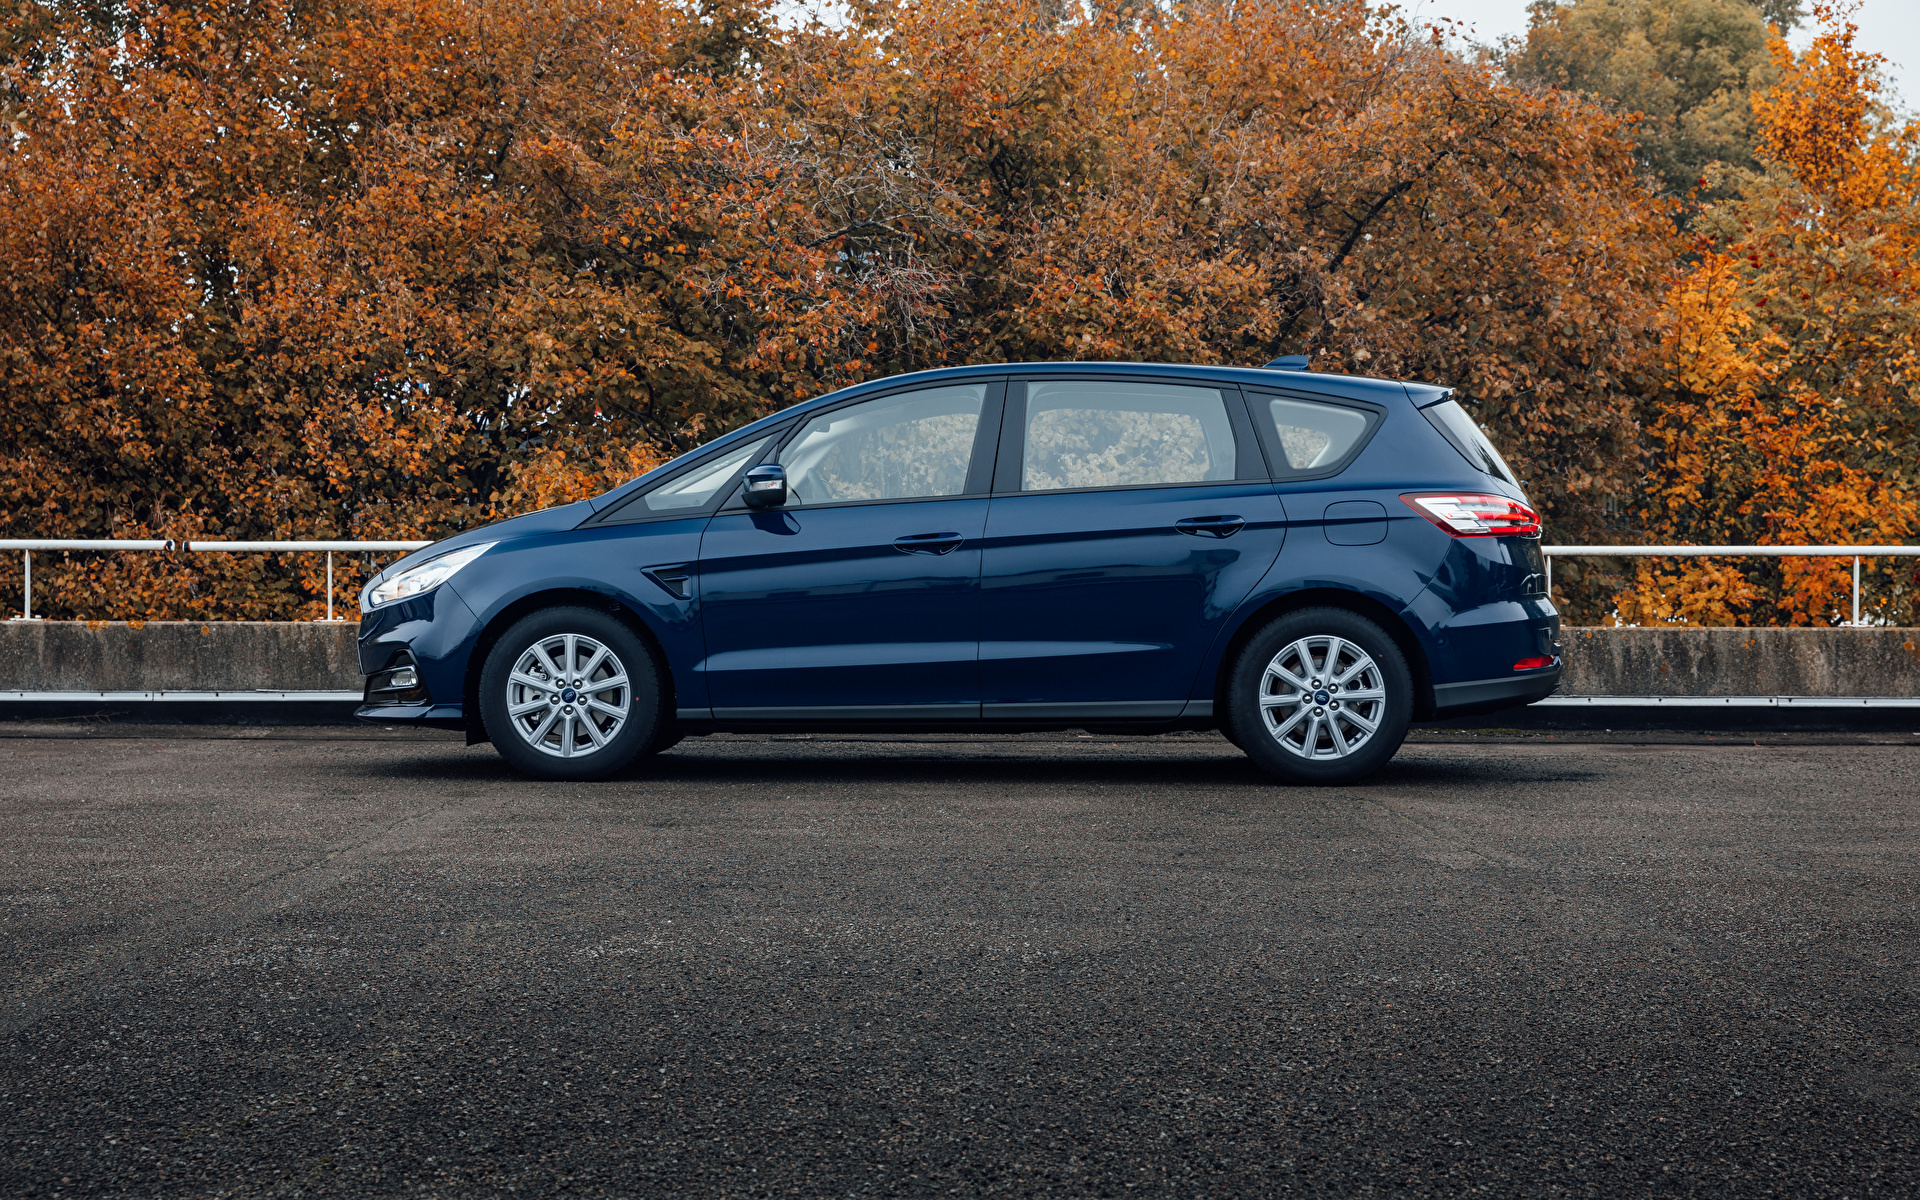 Картинки Ford Универсал S-MAX, 2019 Синий авто Сбоку Металлик 1920x1200 Форд синяя синие синих машина машины Автомобили автомобиль